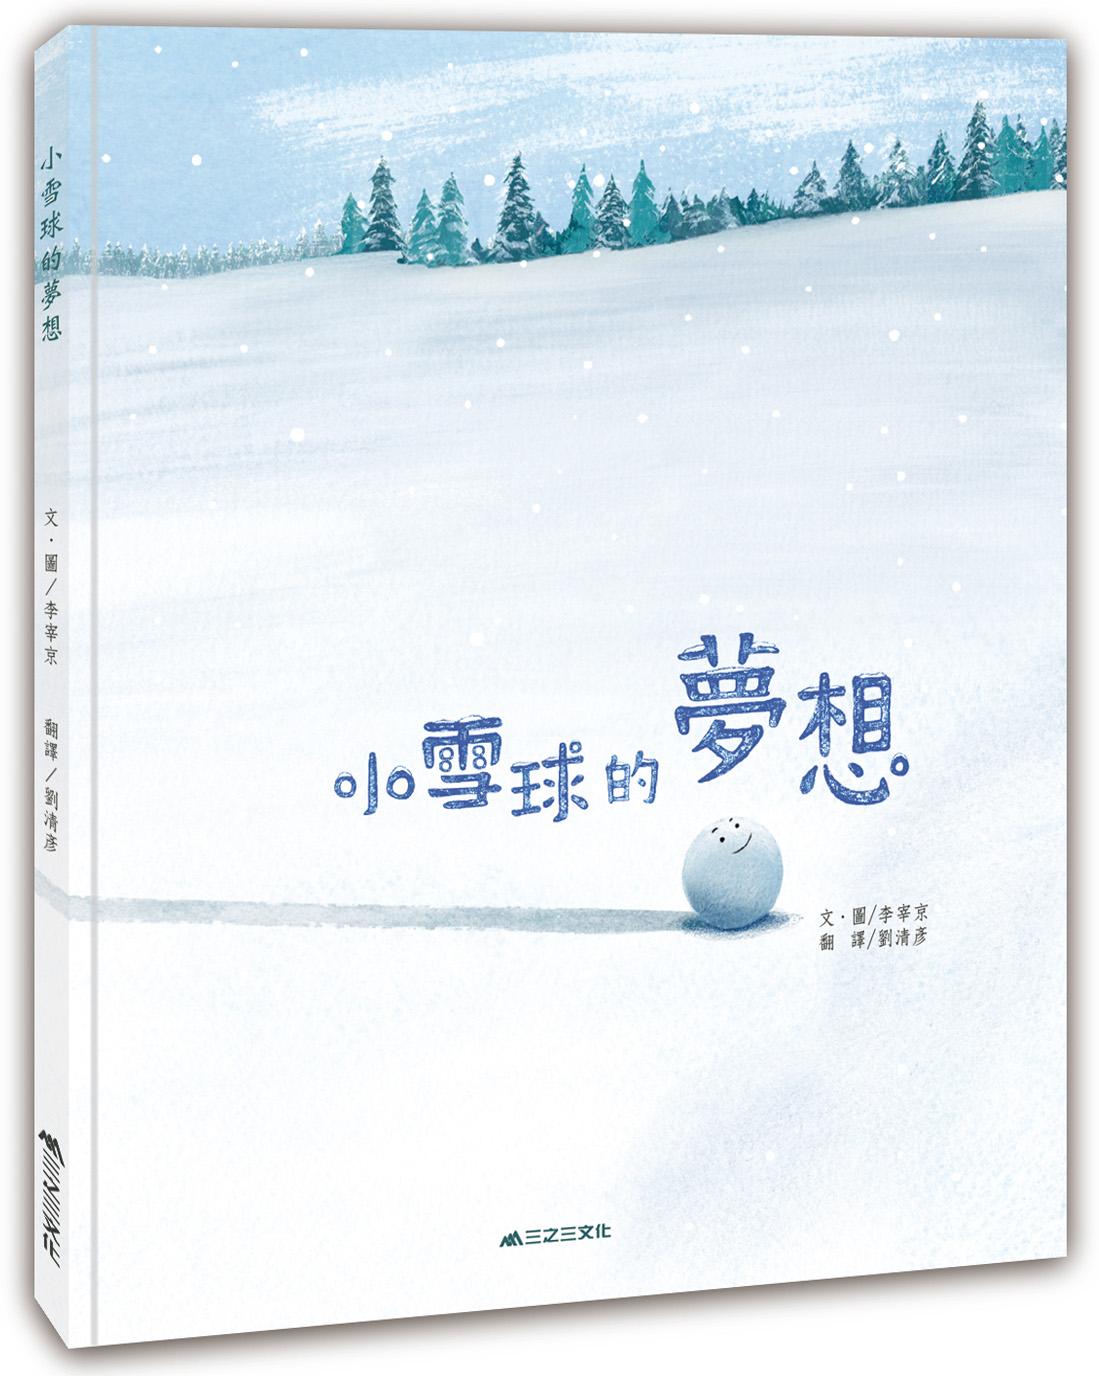 小雪球的夢想( 작은눈덩이연필제목)封面圖